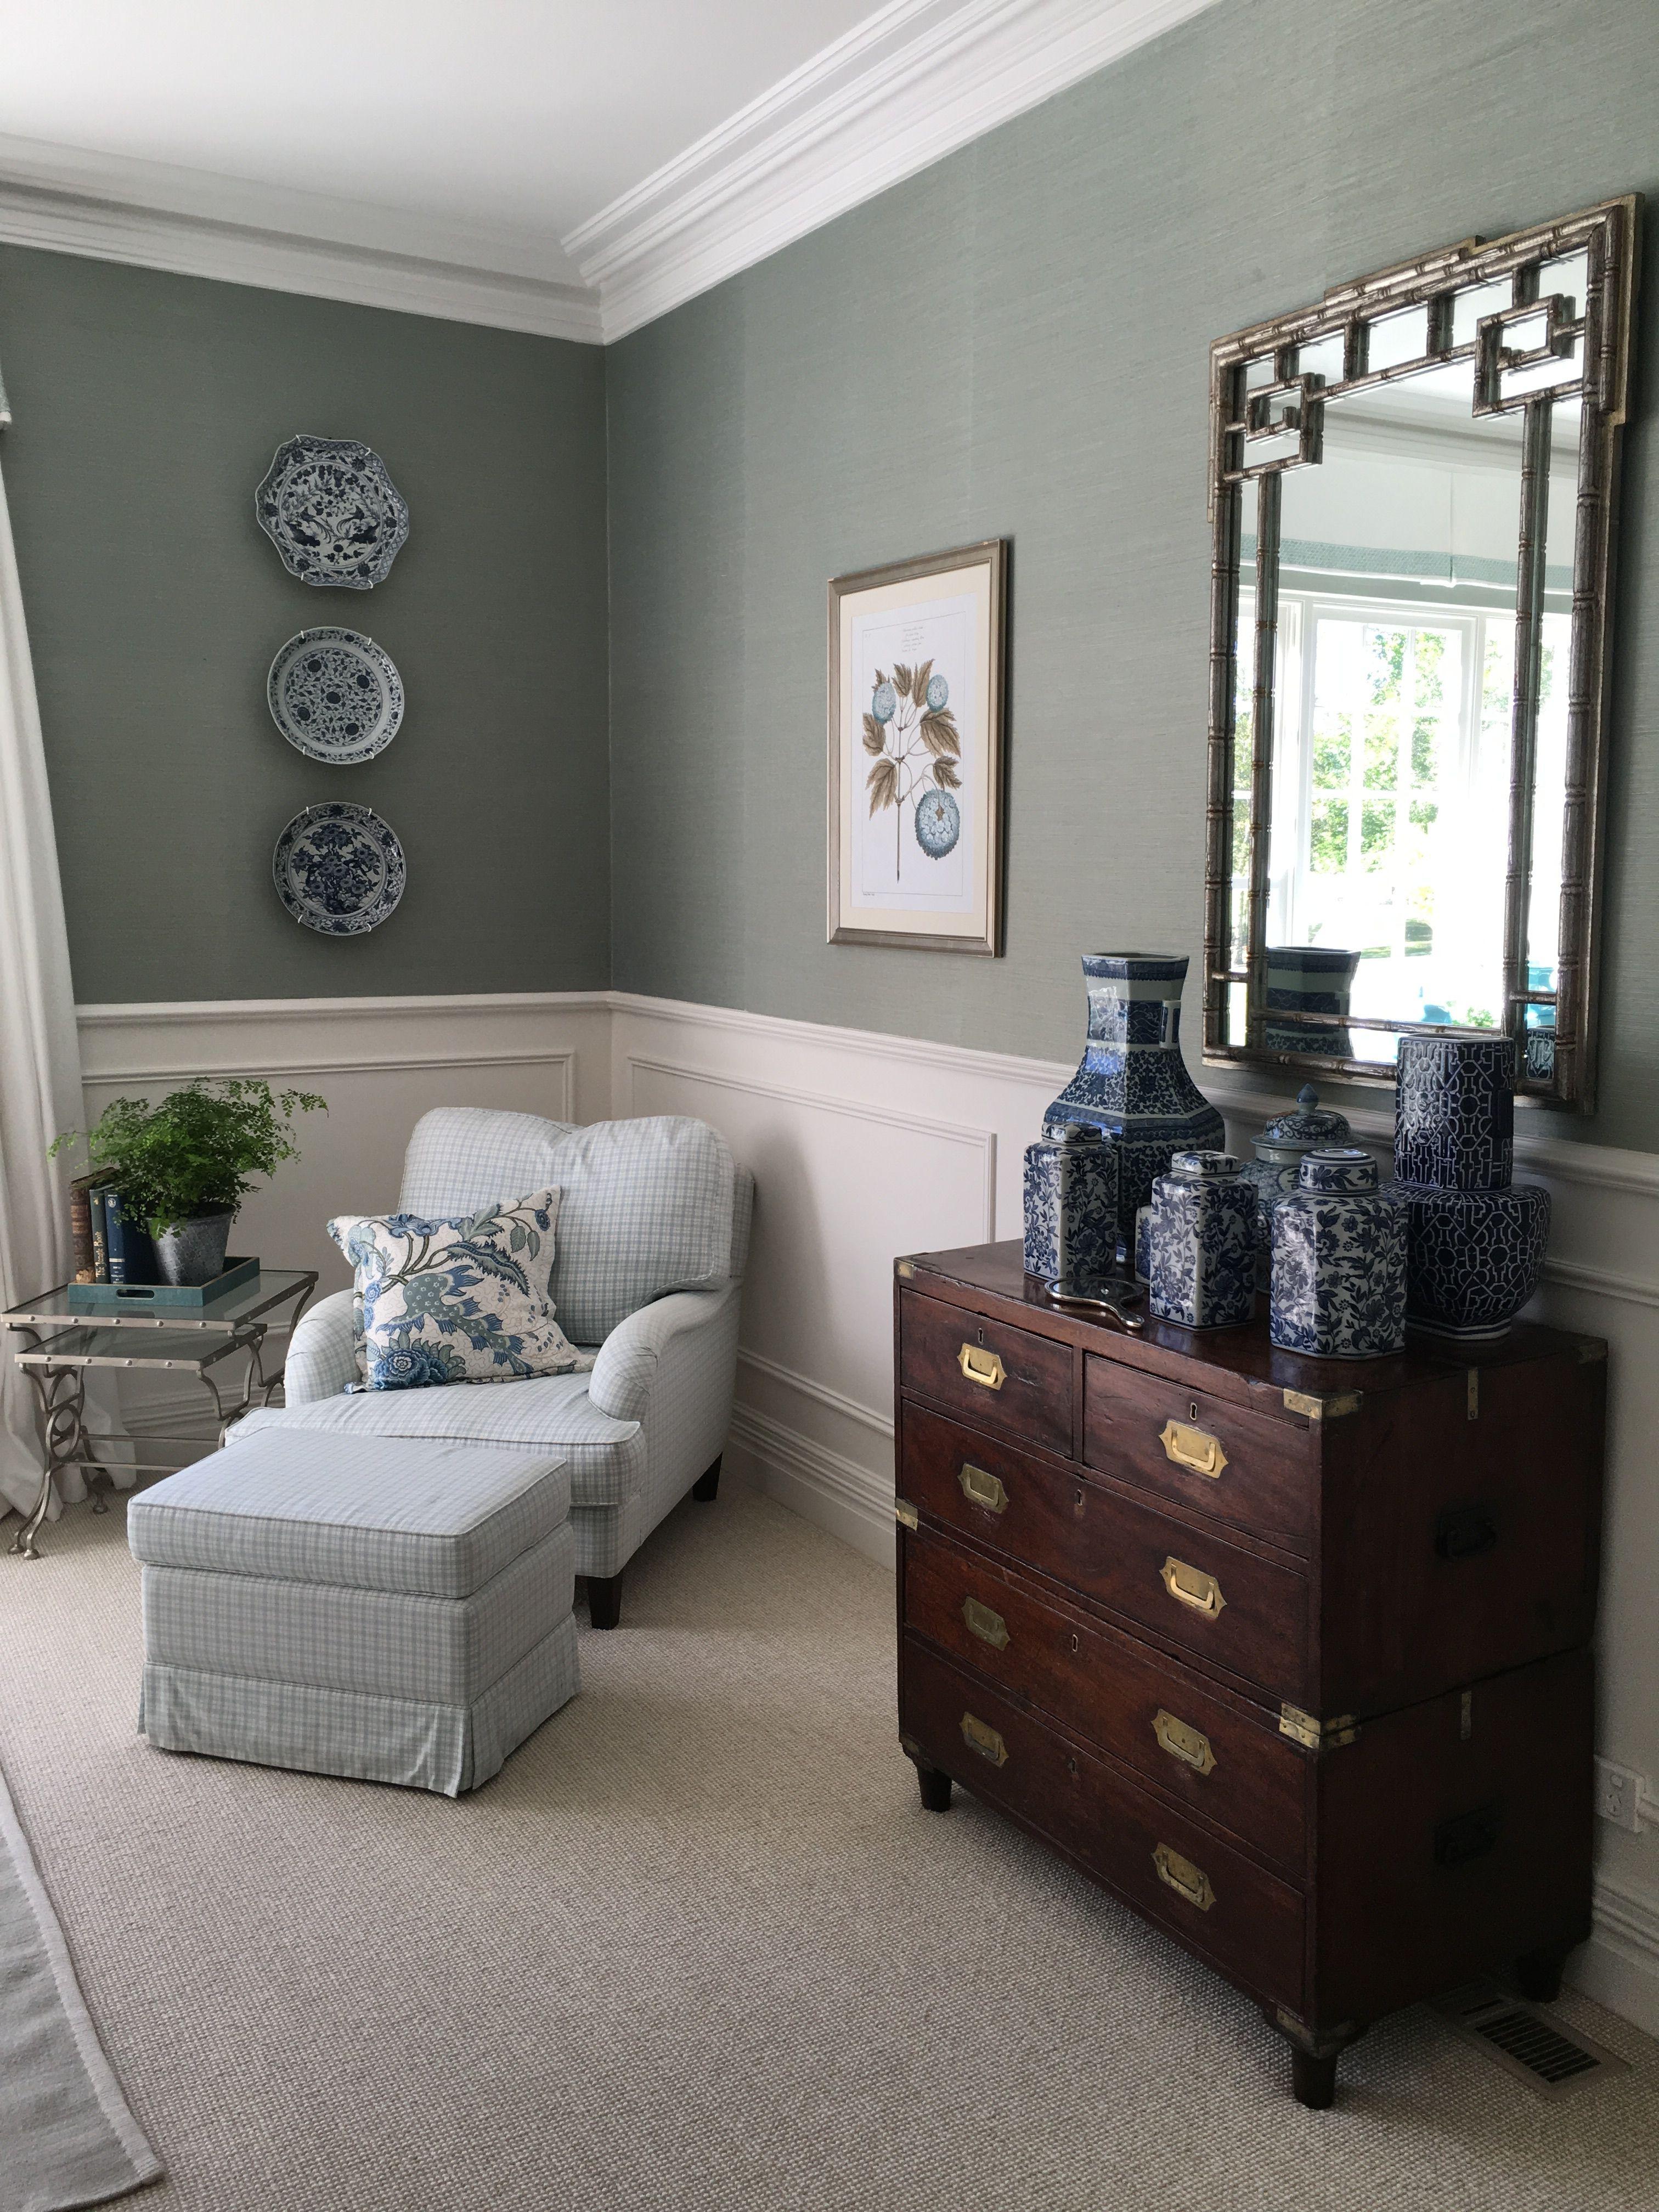 Schumacher Duck Egg Blue Grasscloth Wallpaper Jane Churchill Check Fabric Chair Ottoman